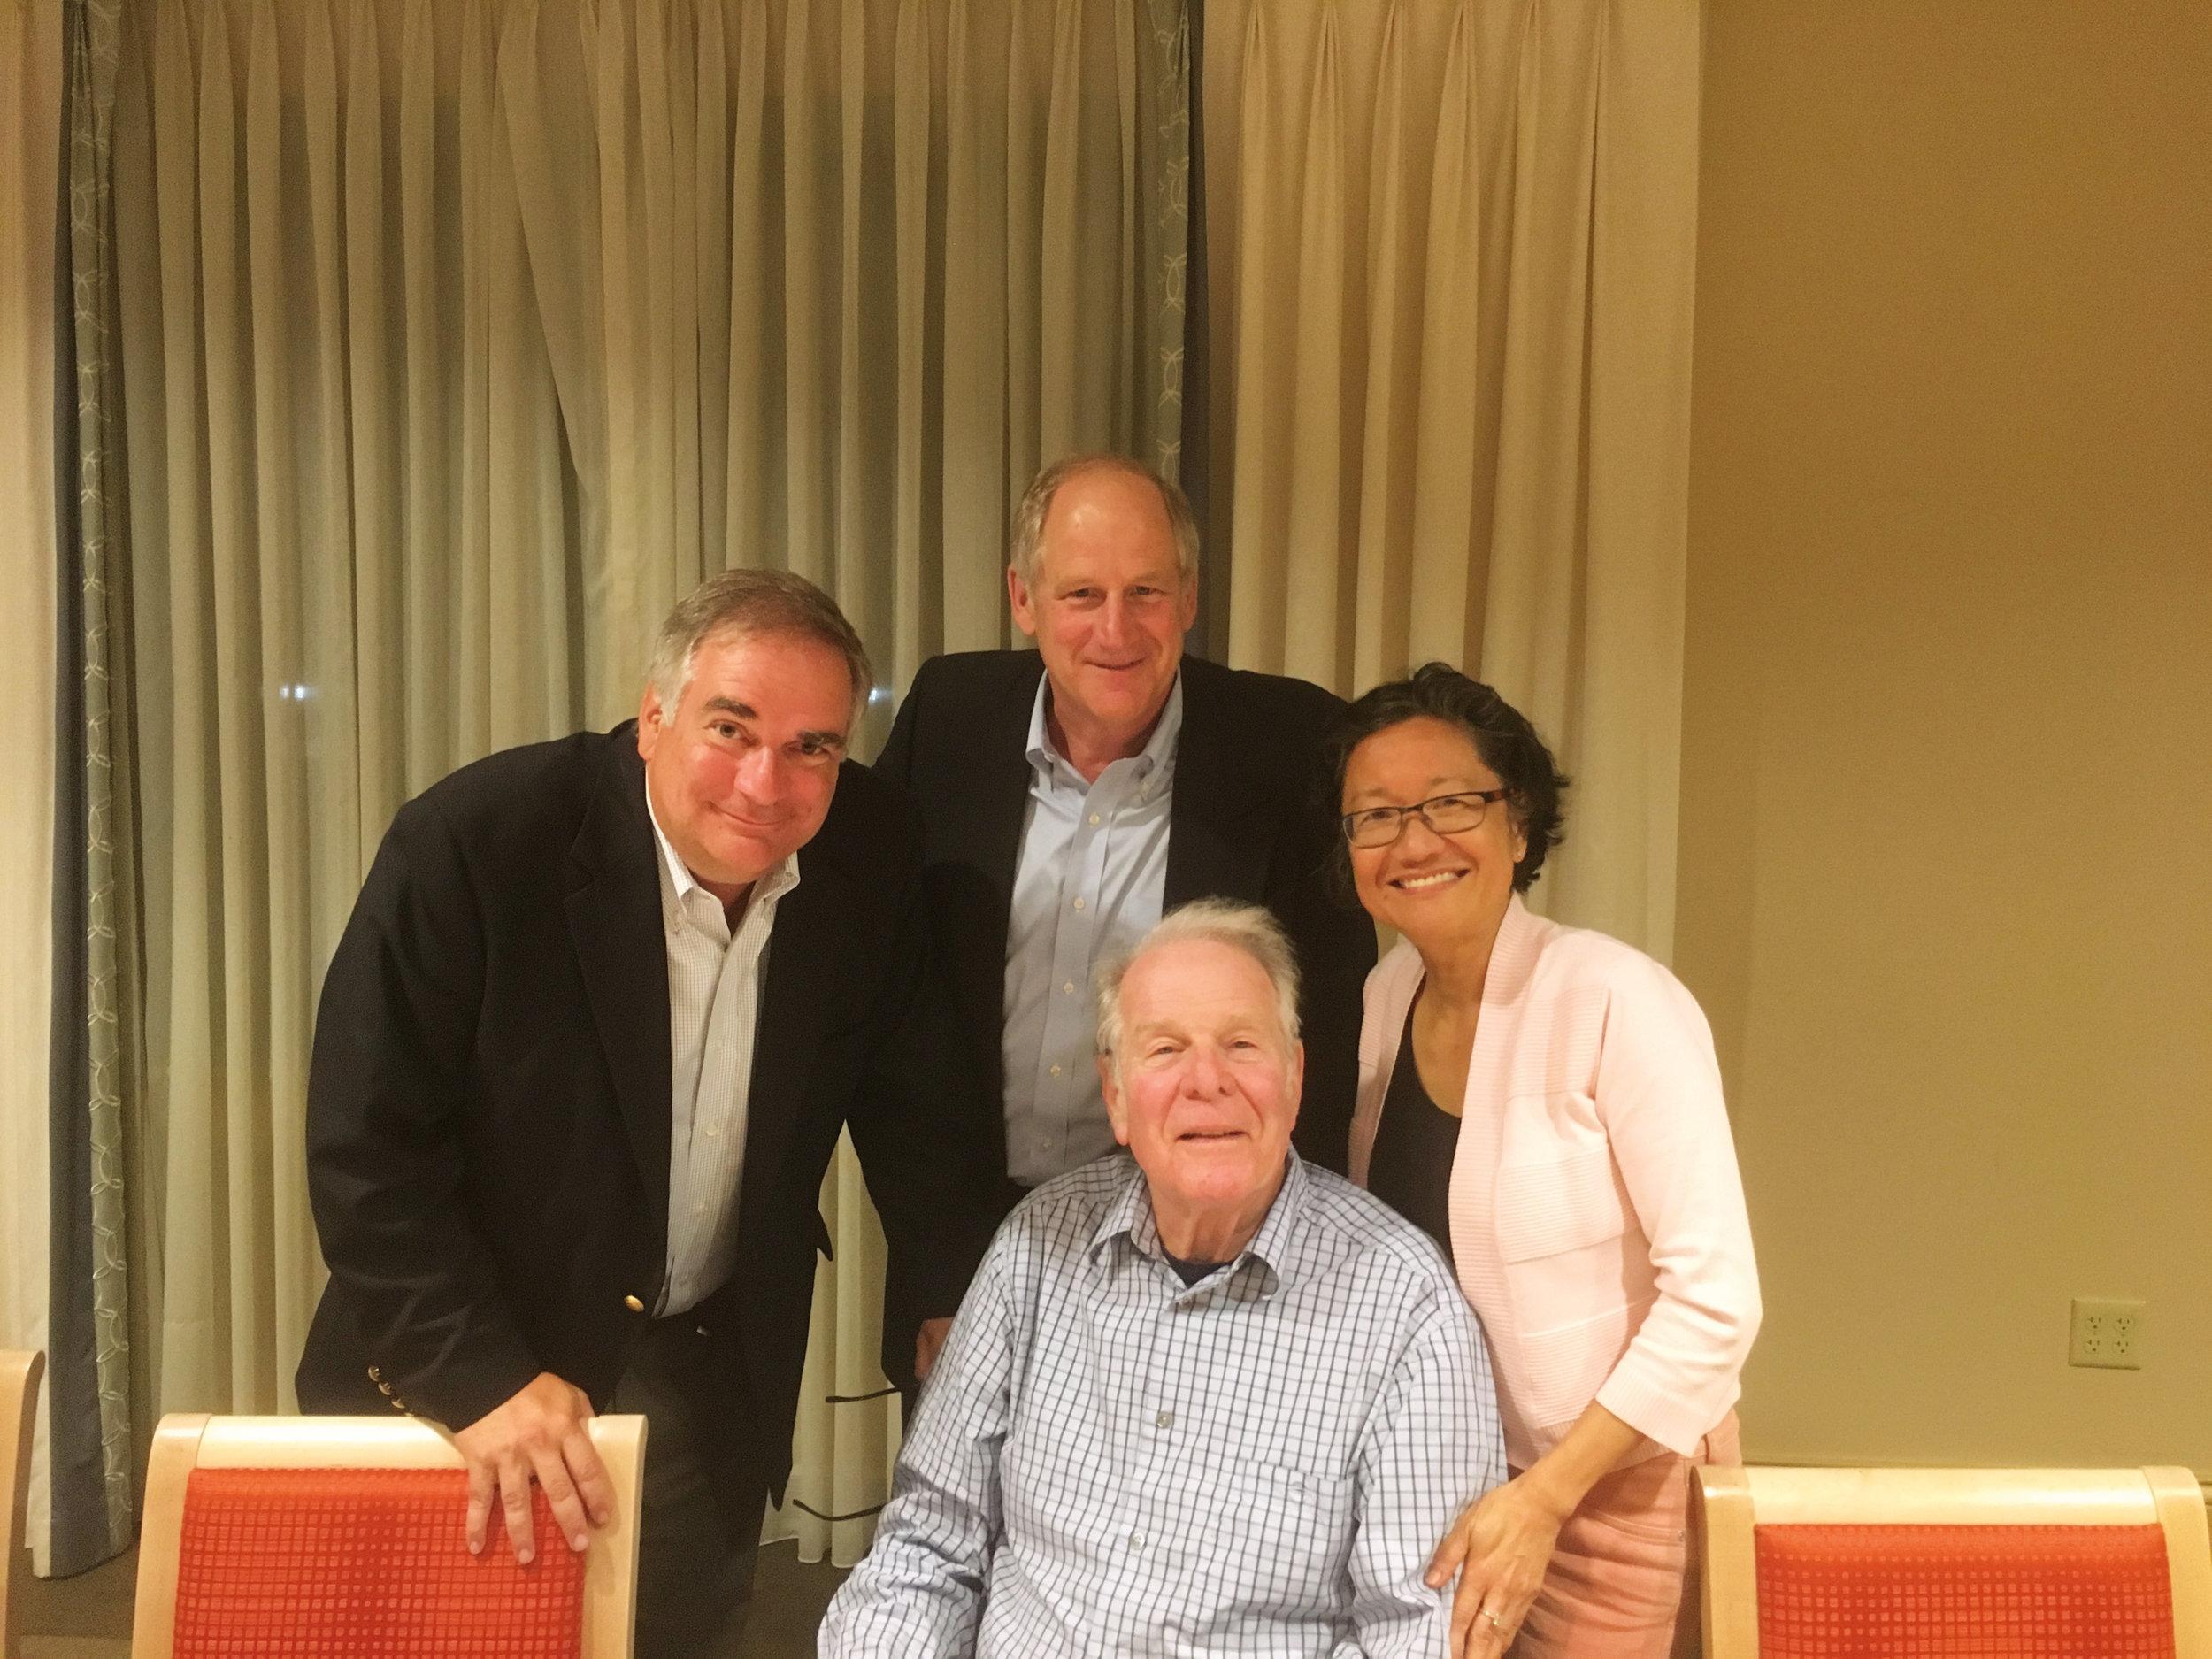 (L. to r.) Chris Schiavone '78, Jon Sweet '78, and K.T. Wen '75 with former faculty member Richard Lederer.